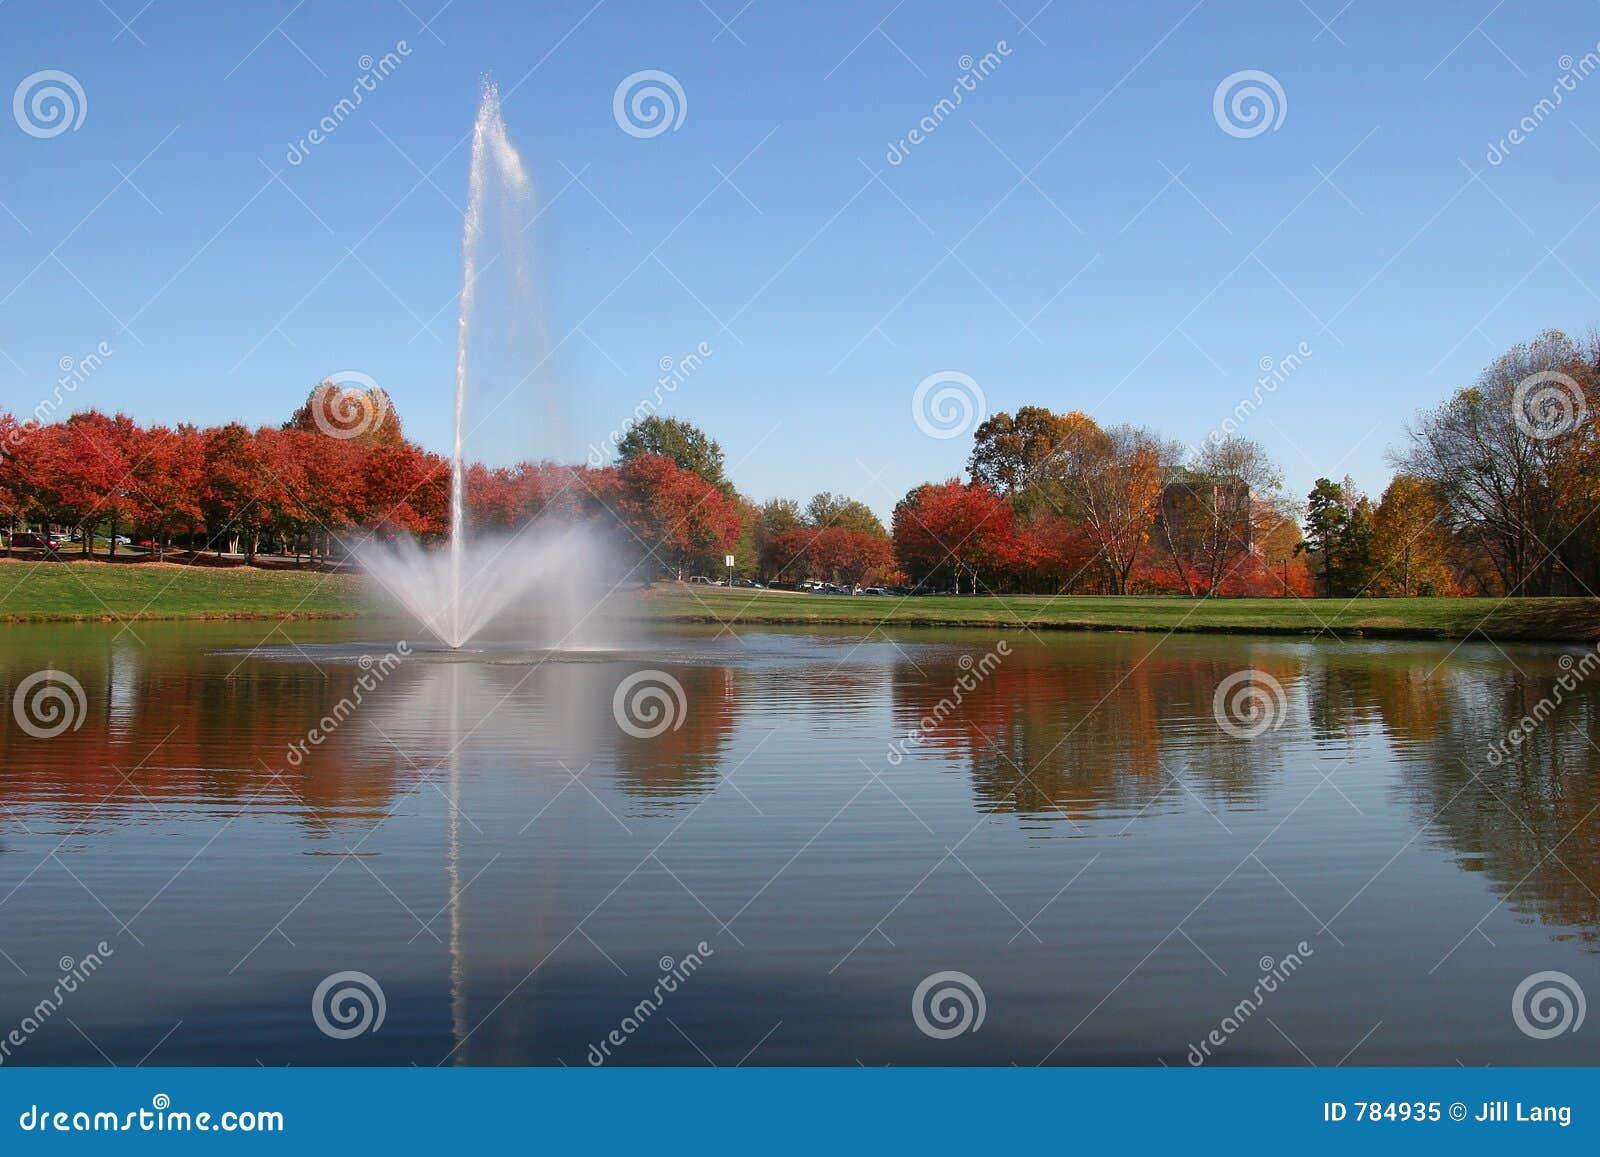 Lake at the Office